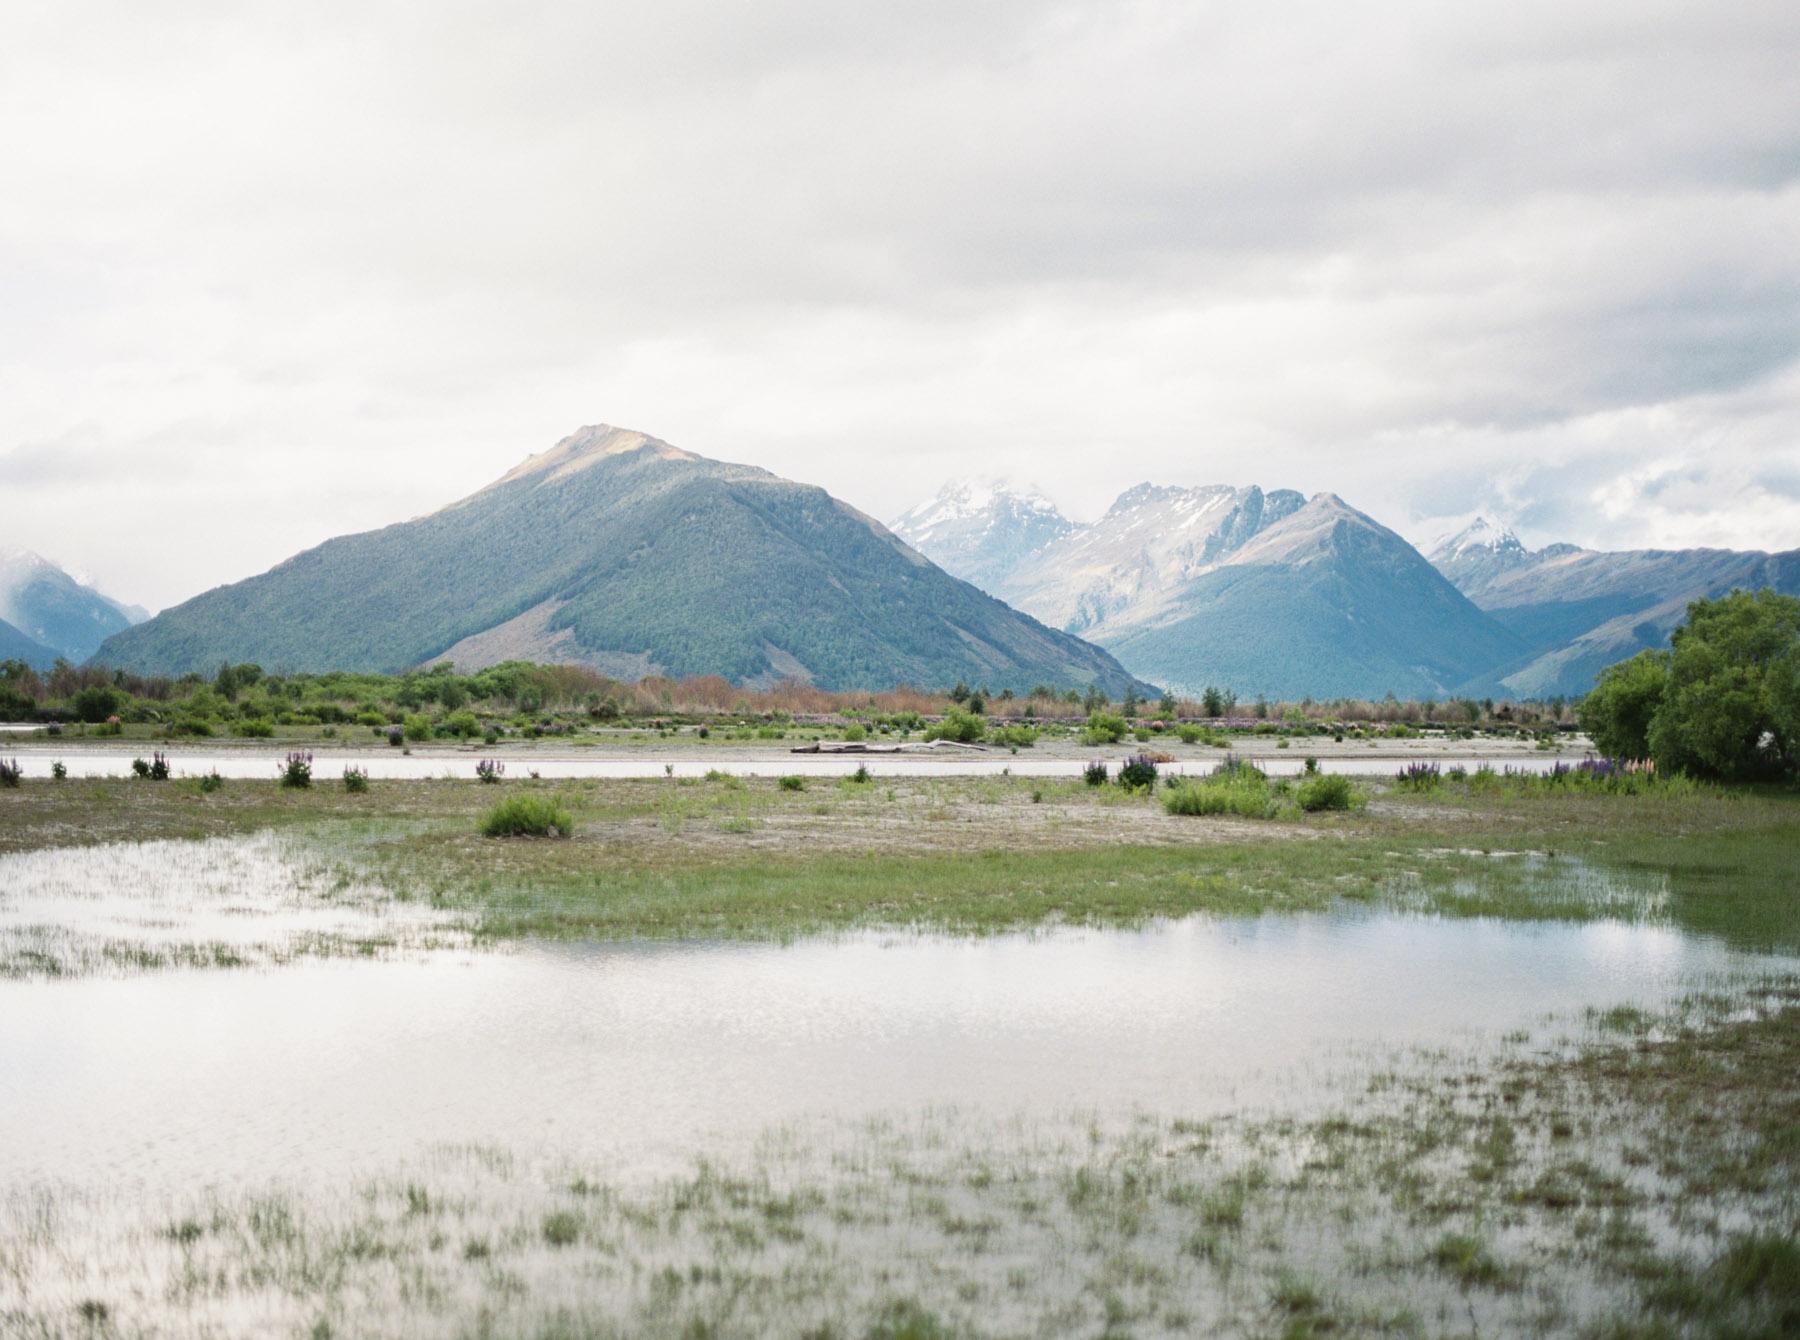 紐西蘭風景之美-Tekapo-皇后鎮